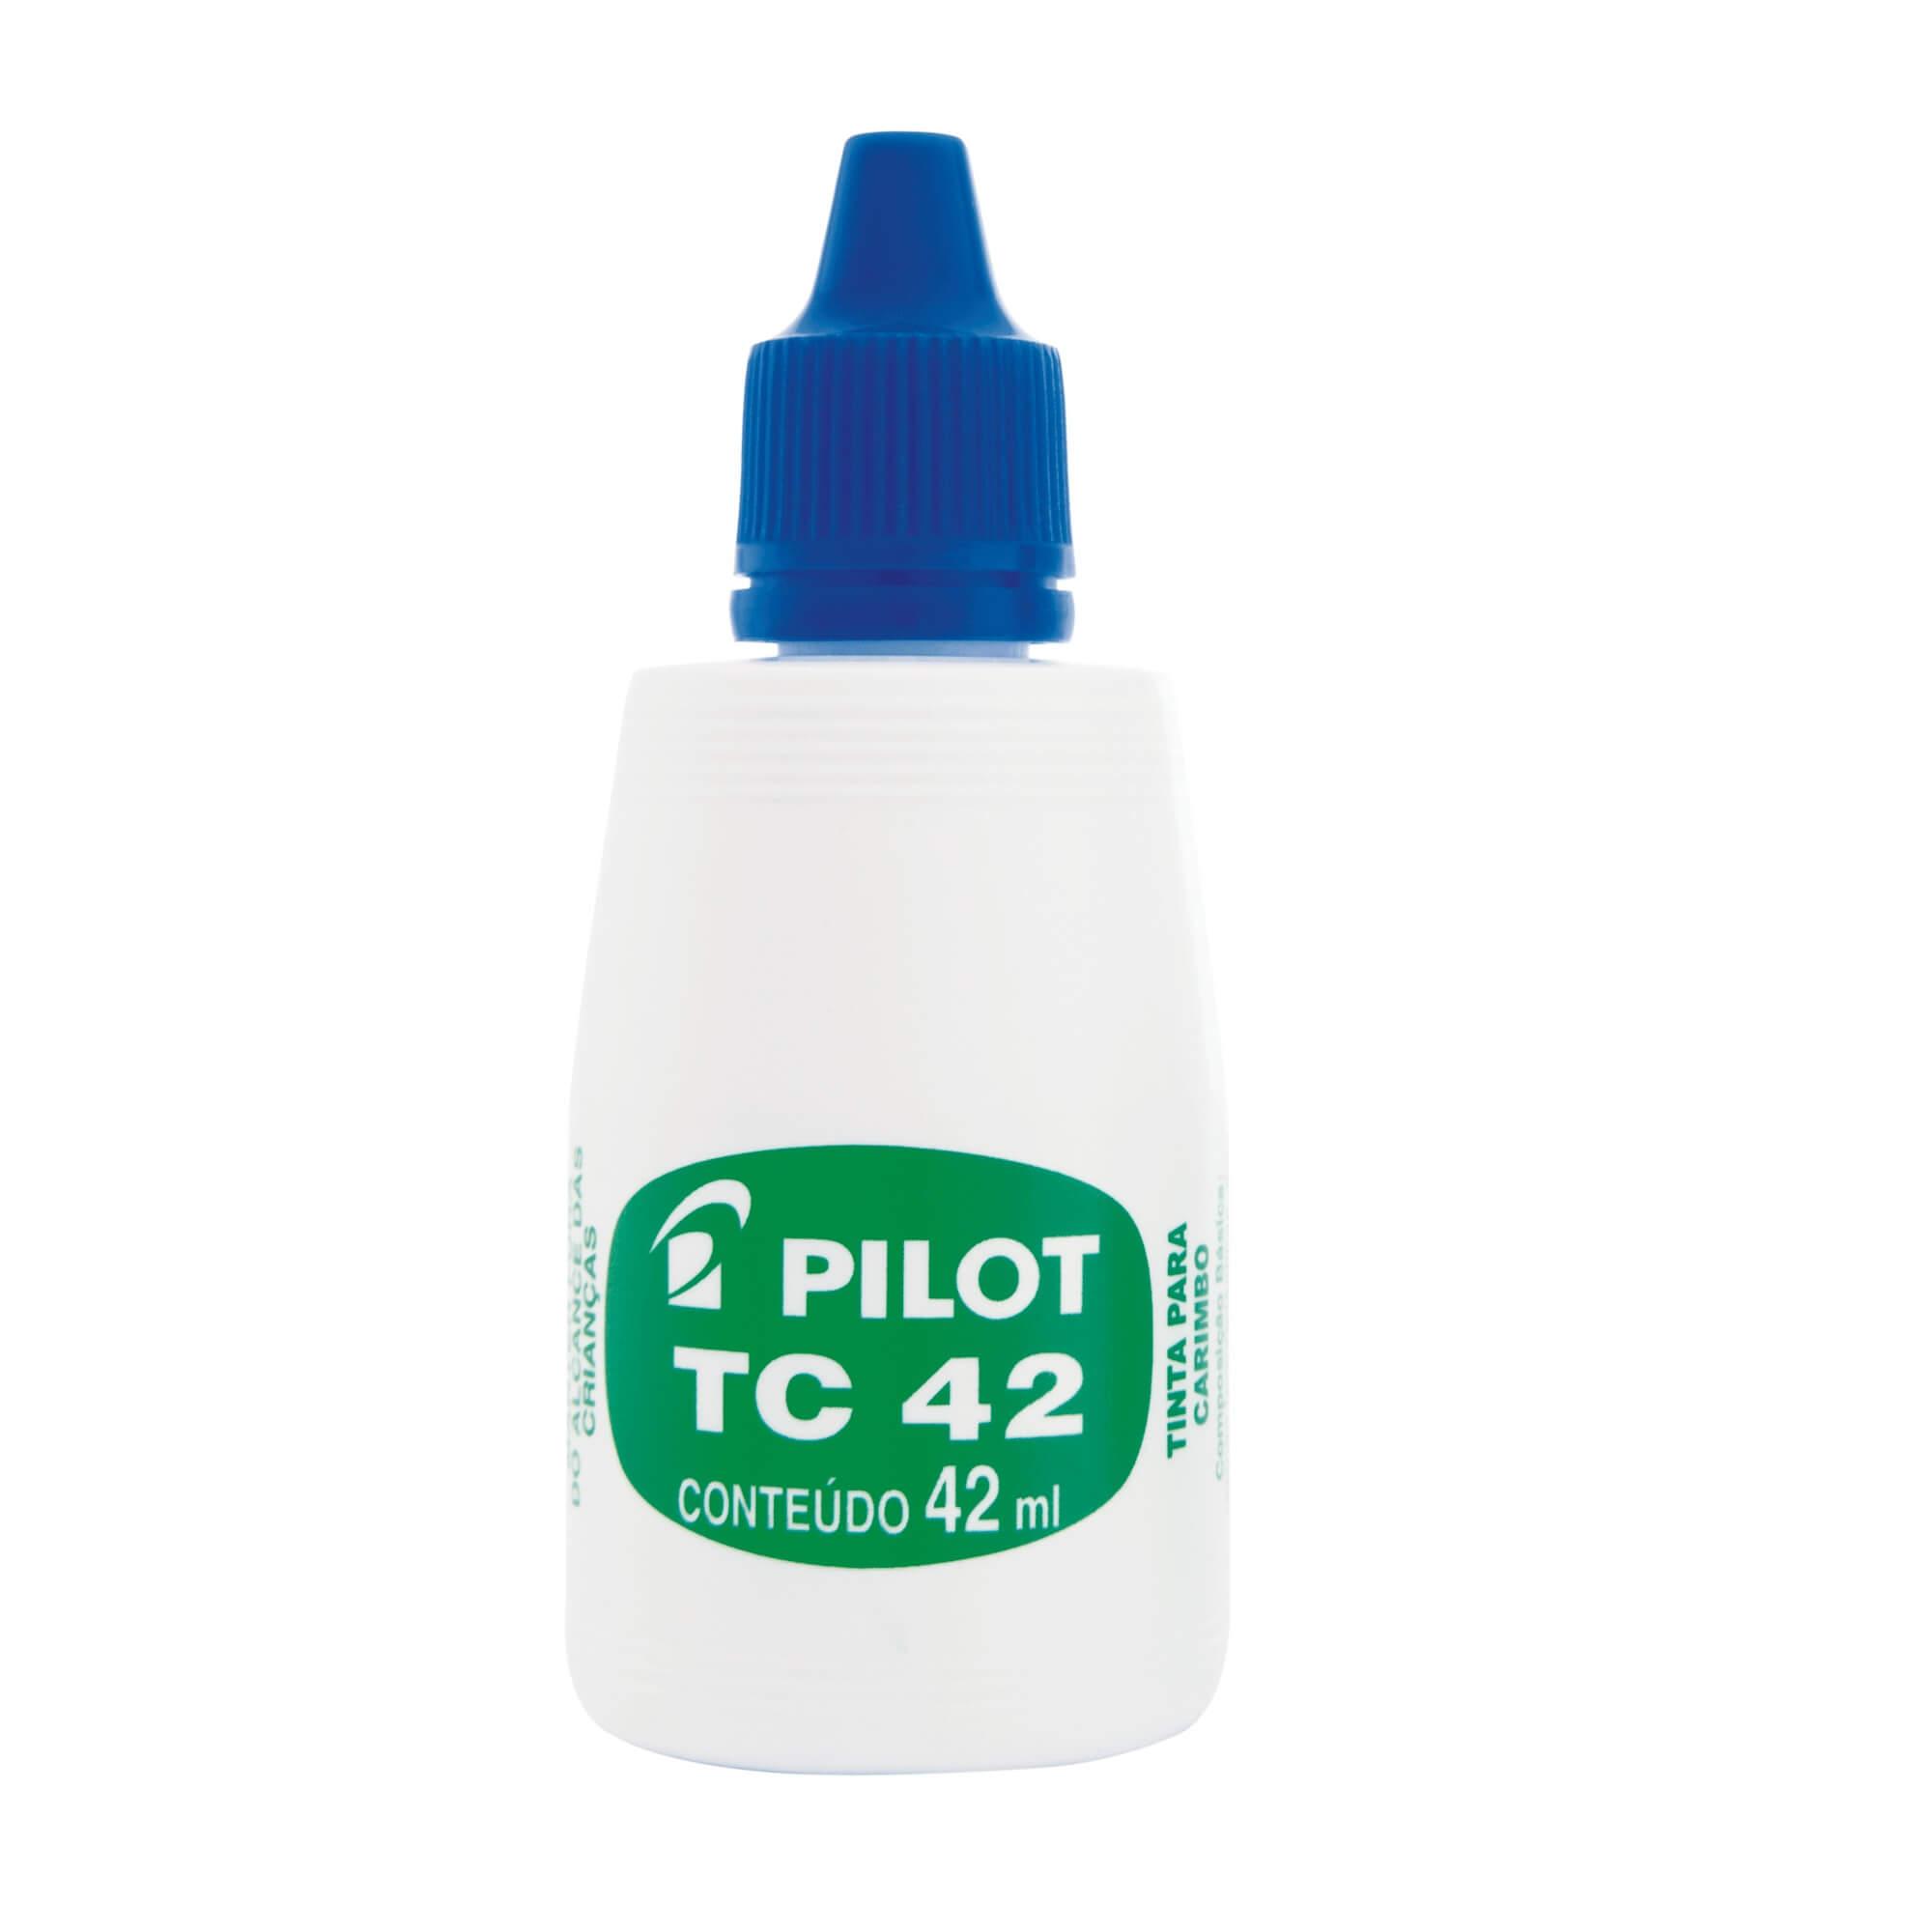 TINTA PARA CARIMBO PILOT TC 42 AZUL 42 ML